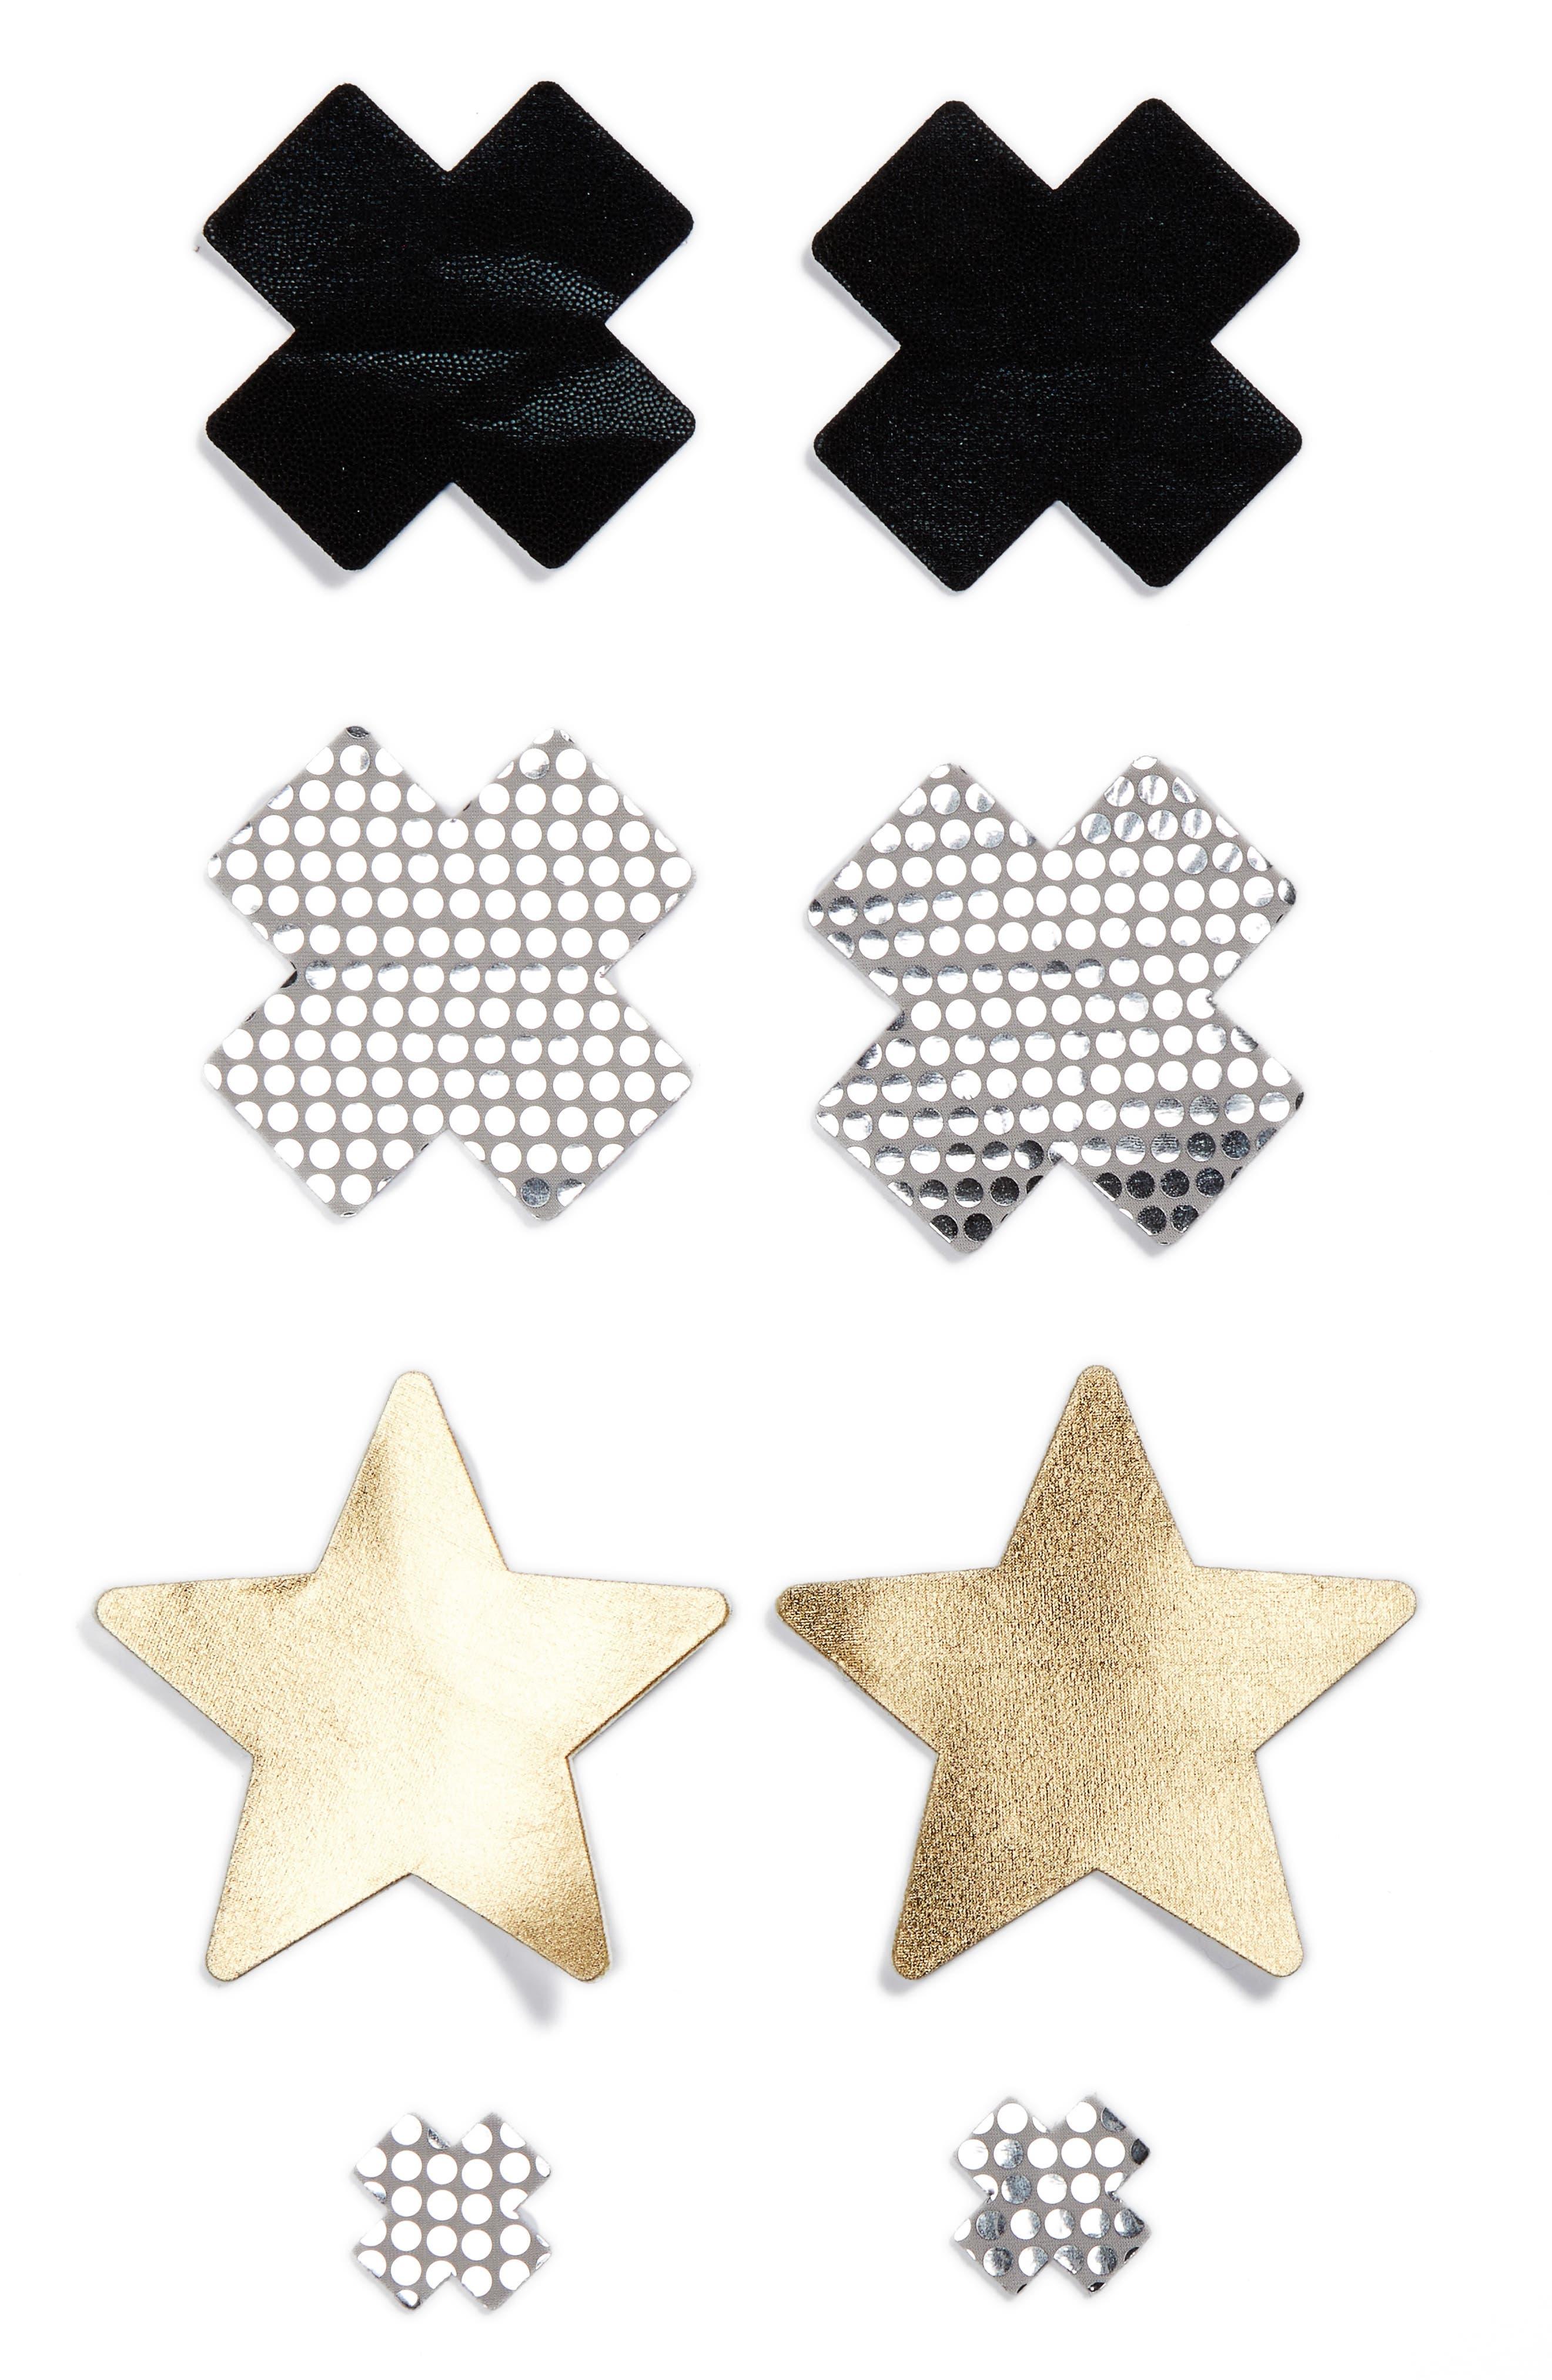 Nippies by Bristols Six Cross & Star Nipple Covers